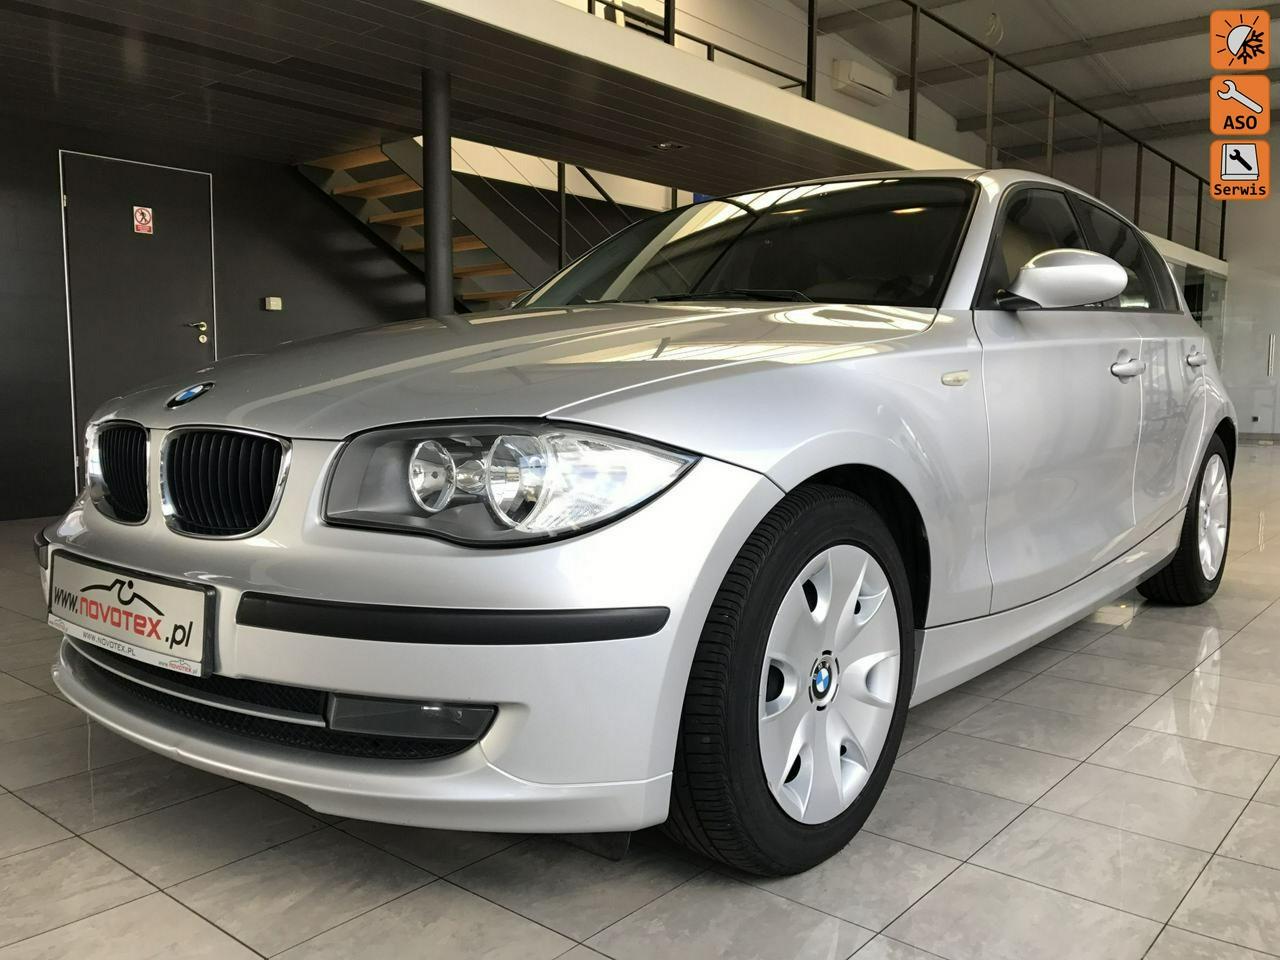 BMW 118 2.0D*136KM*127Tkm!*serwis w ASO*bezwypadek*gwarancja VIP Service